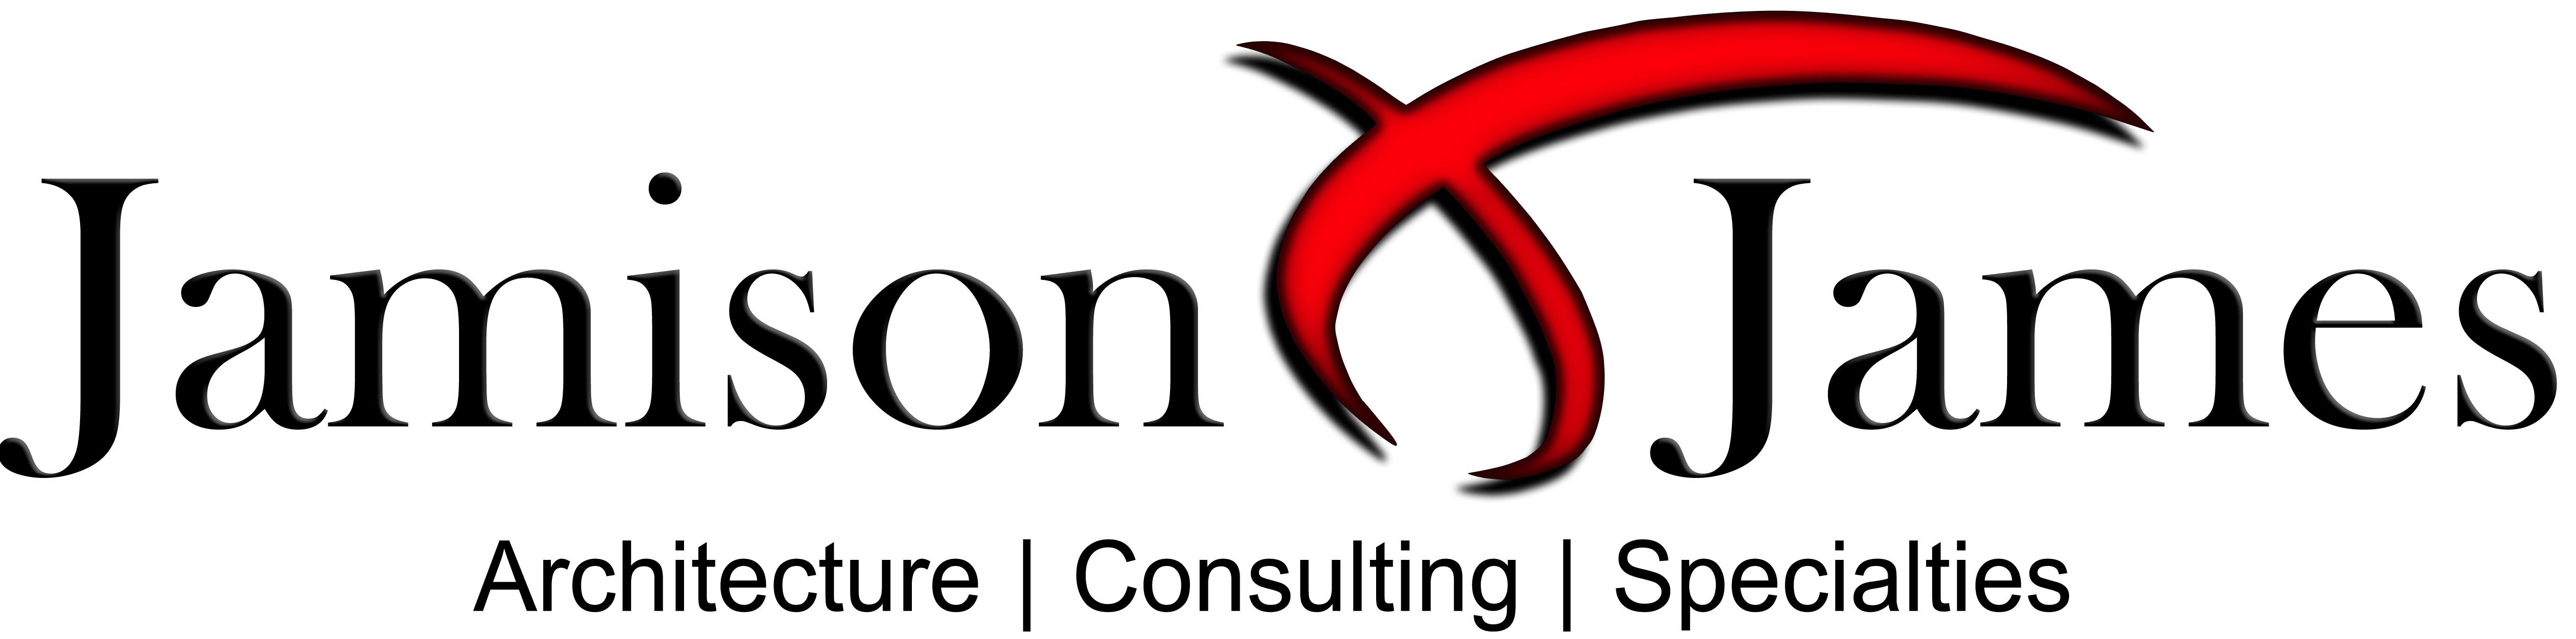 2020 Empowering - Jamison James logo